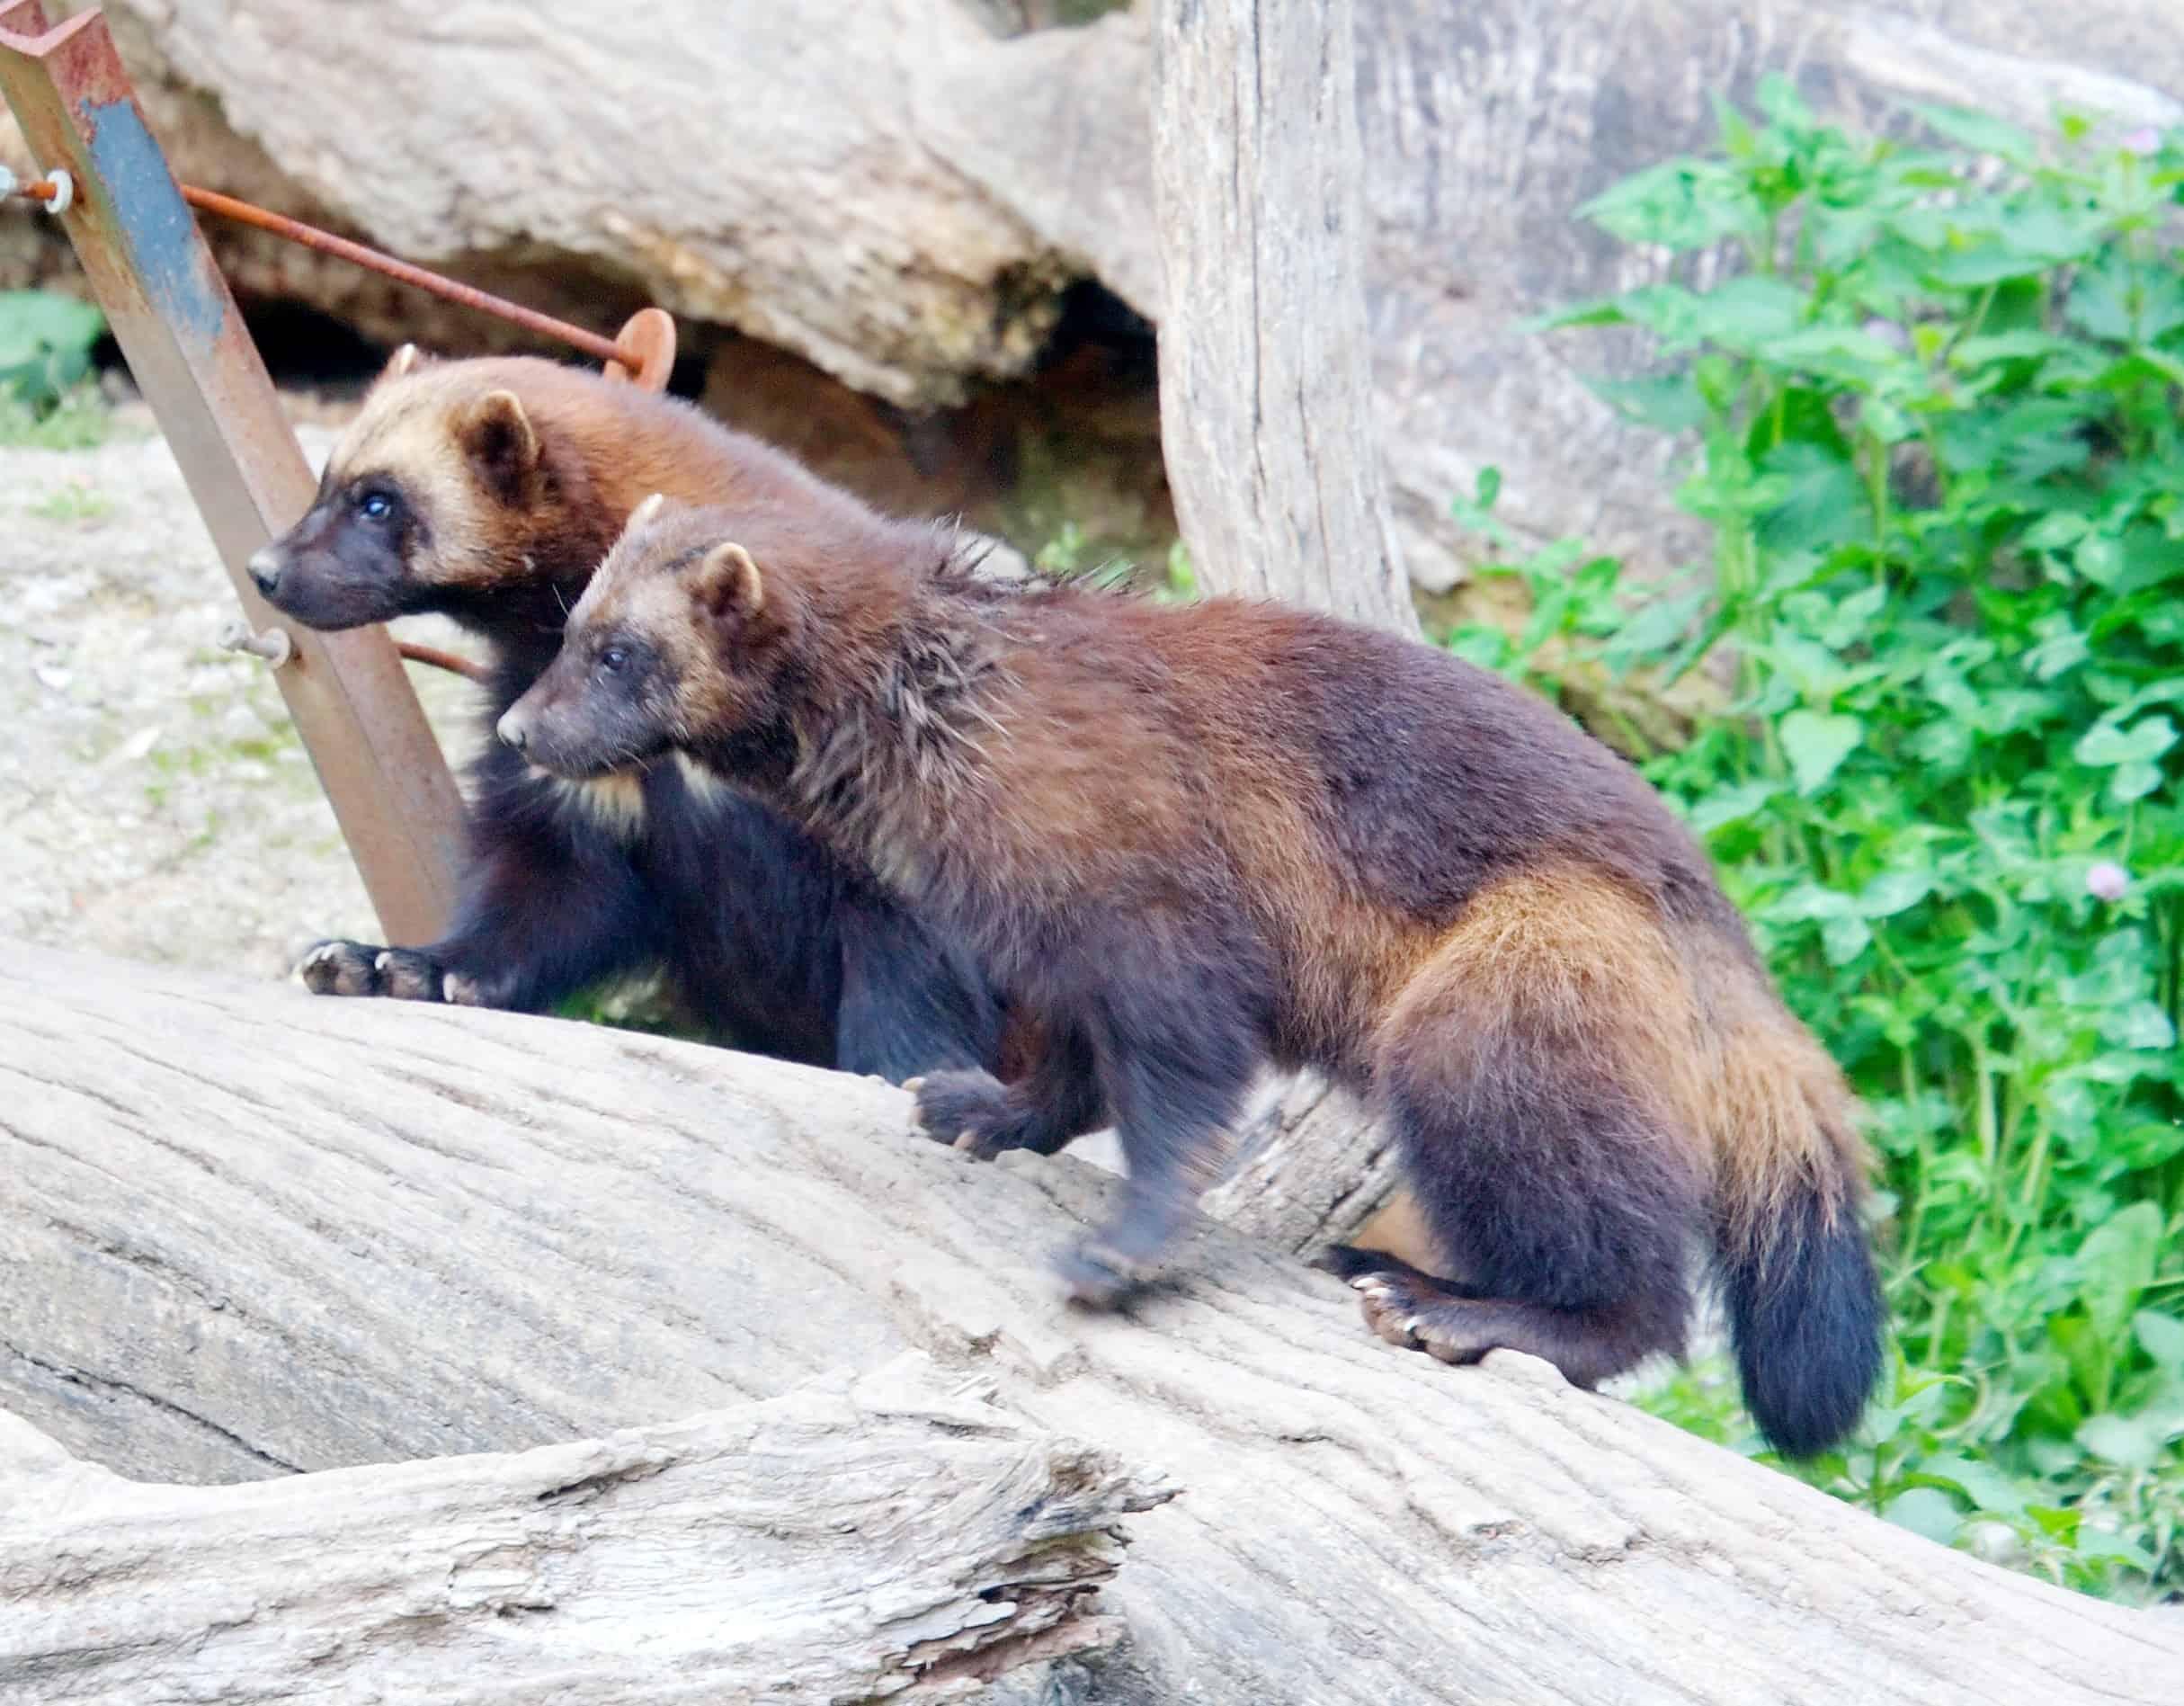 Where is Wolverine found?